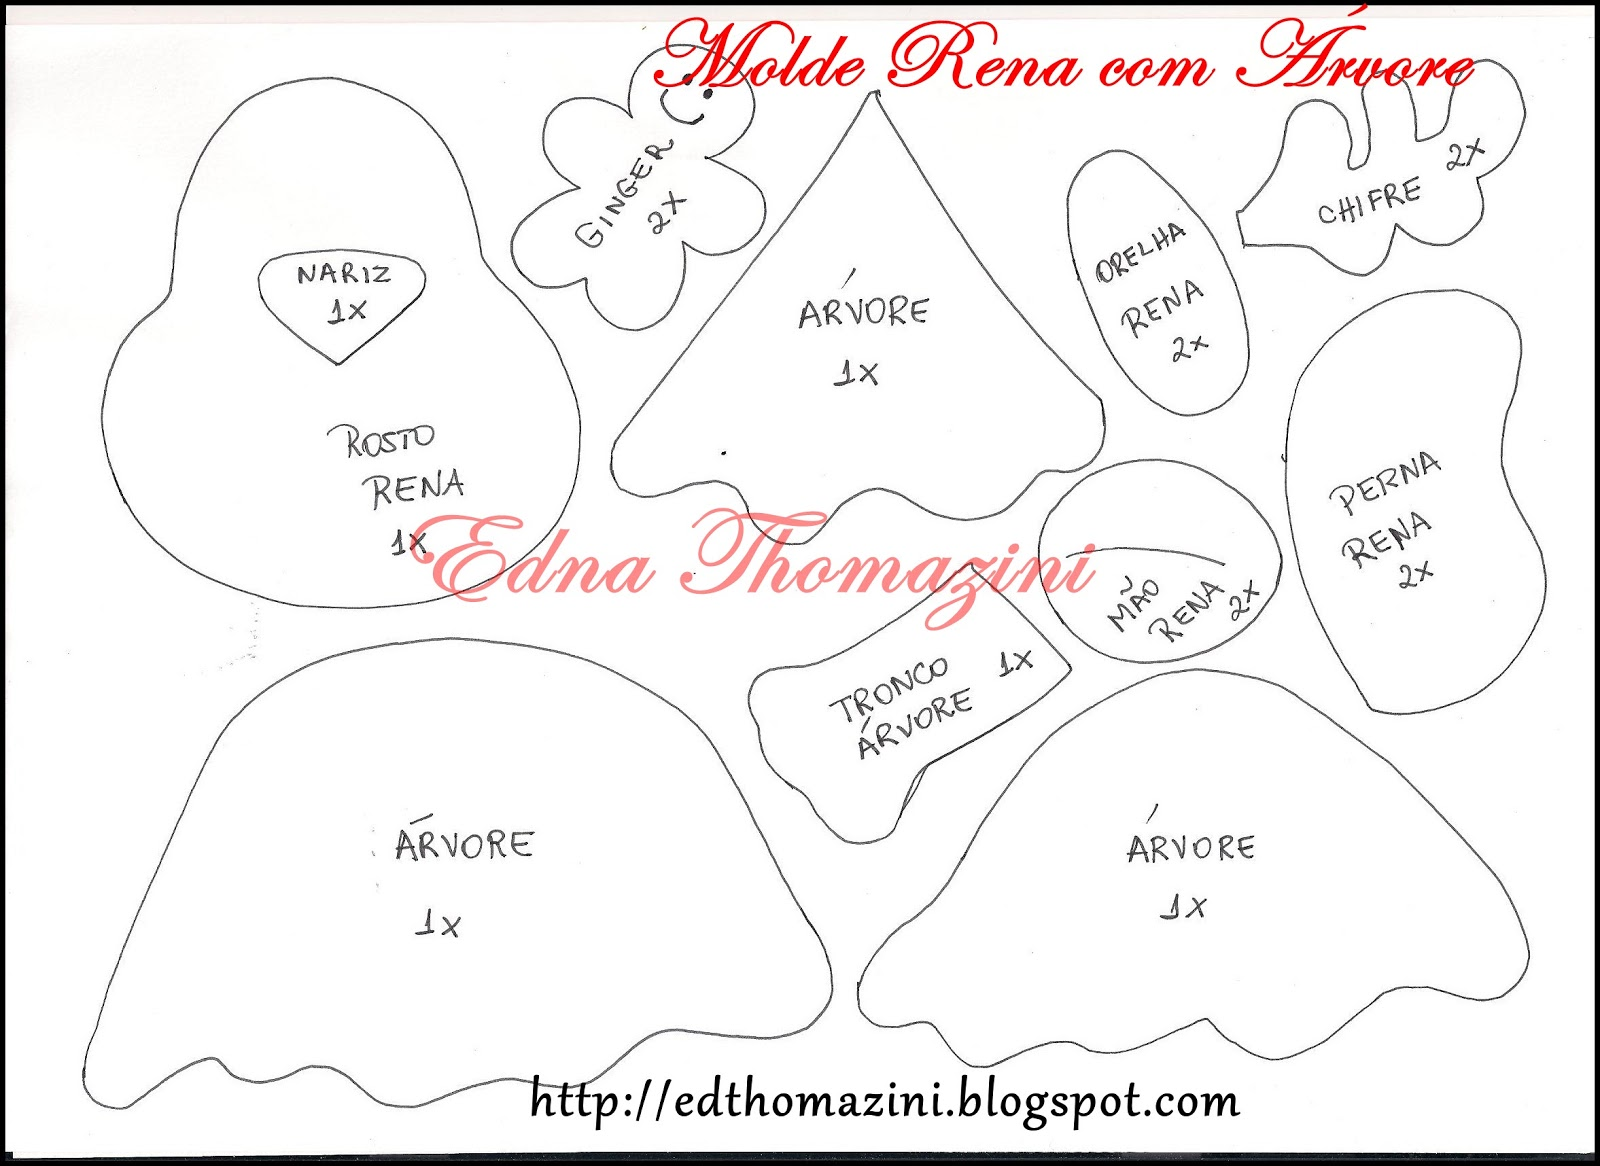 Edna Thomazini ~ Molde de Edna Thomazini